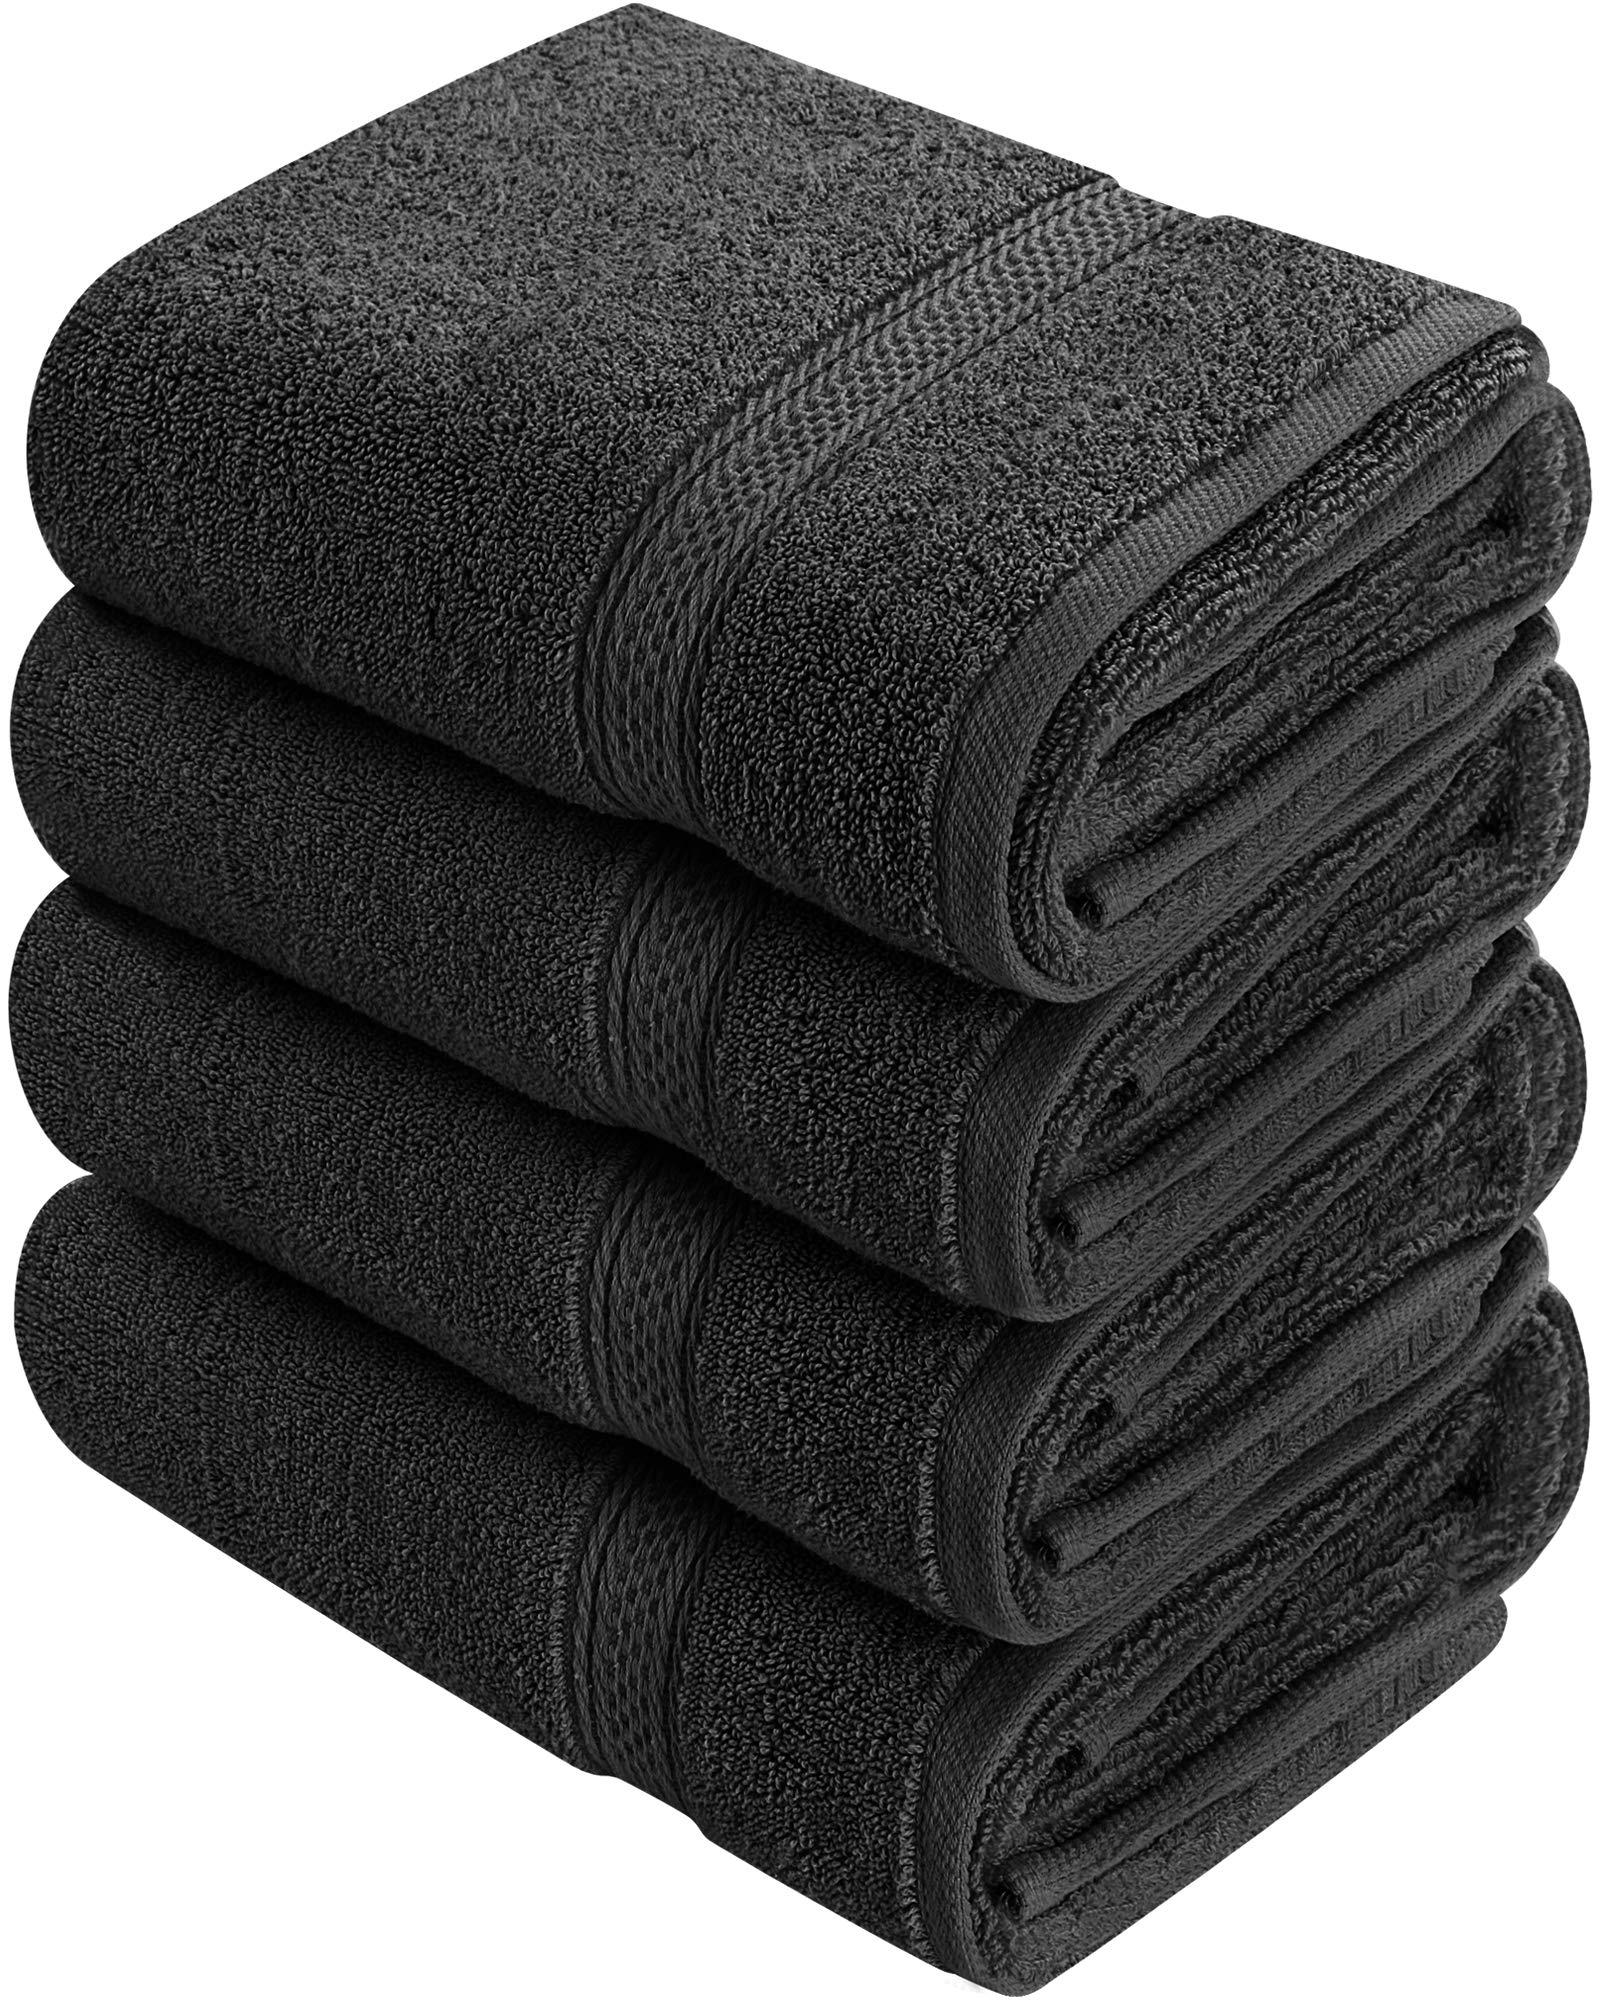 Utopia Towels - Toallas de Mano Grandes de algodón multipropósito para baño, Manos, Cara